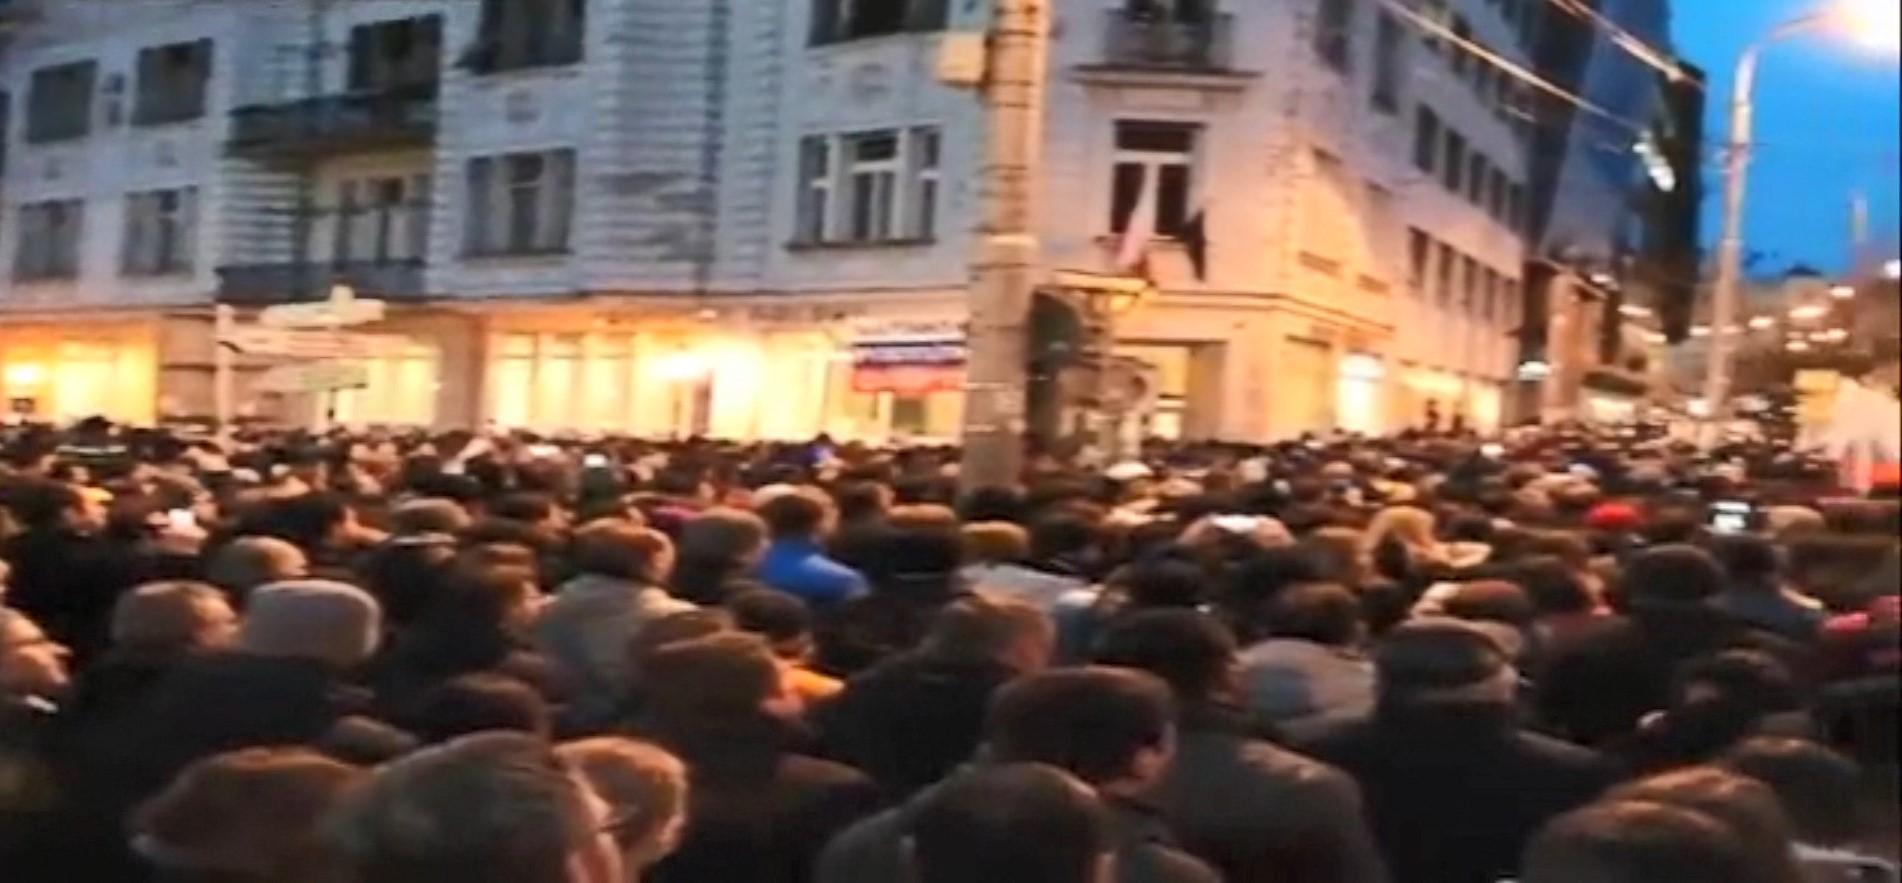 Një vit nga vrasja e gazetarit, qytetarët sllovakë sërish në protestë